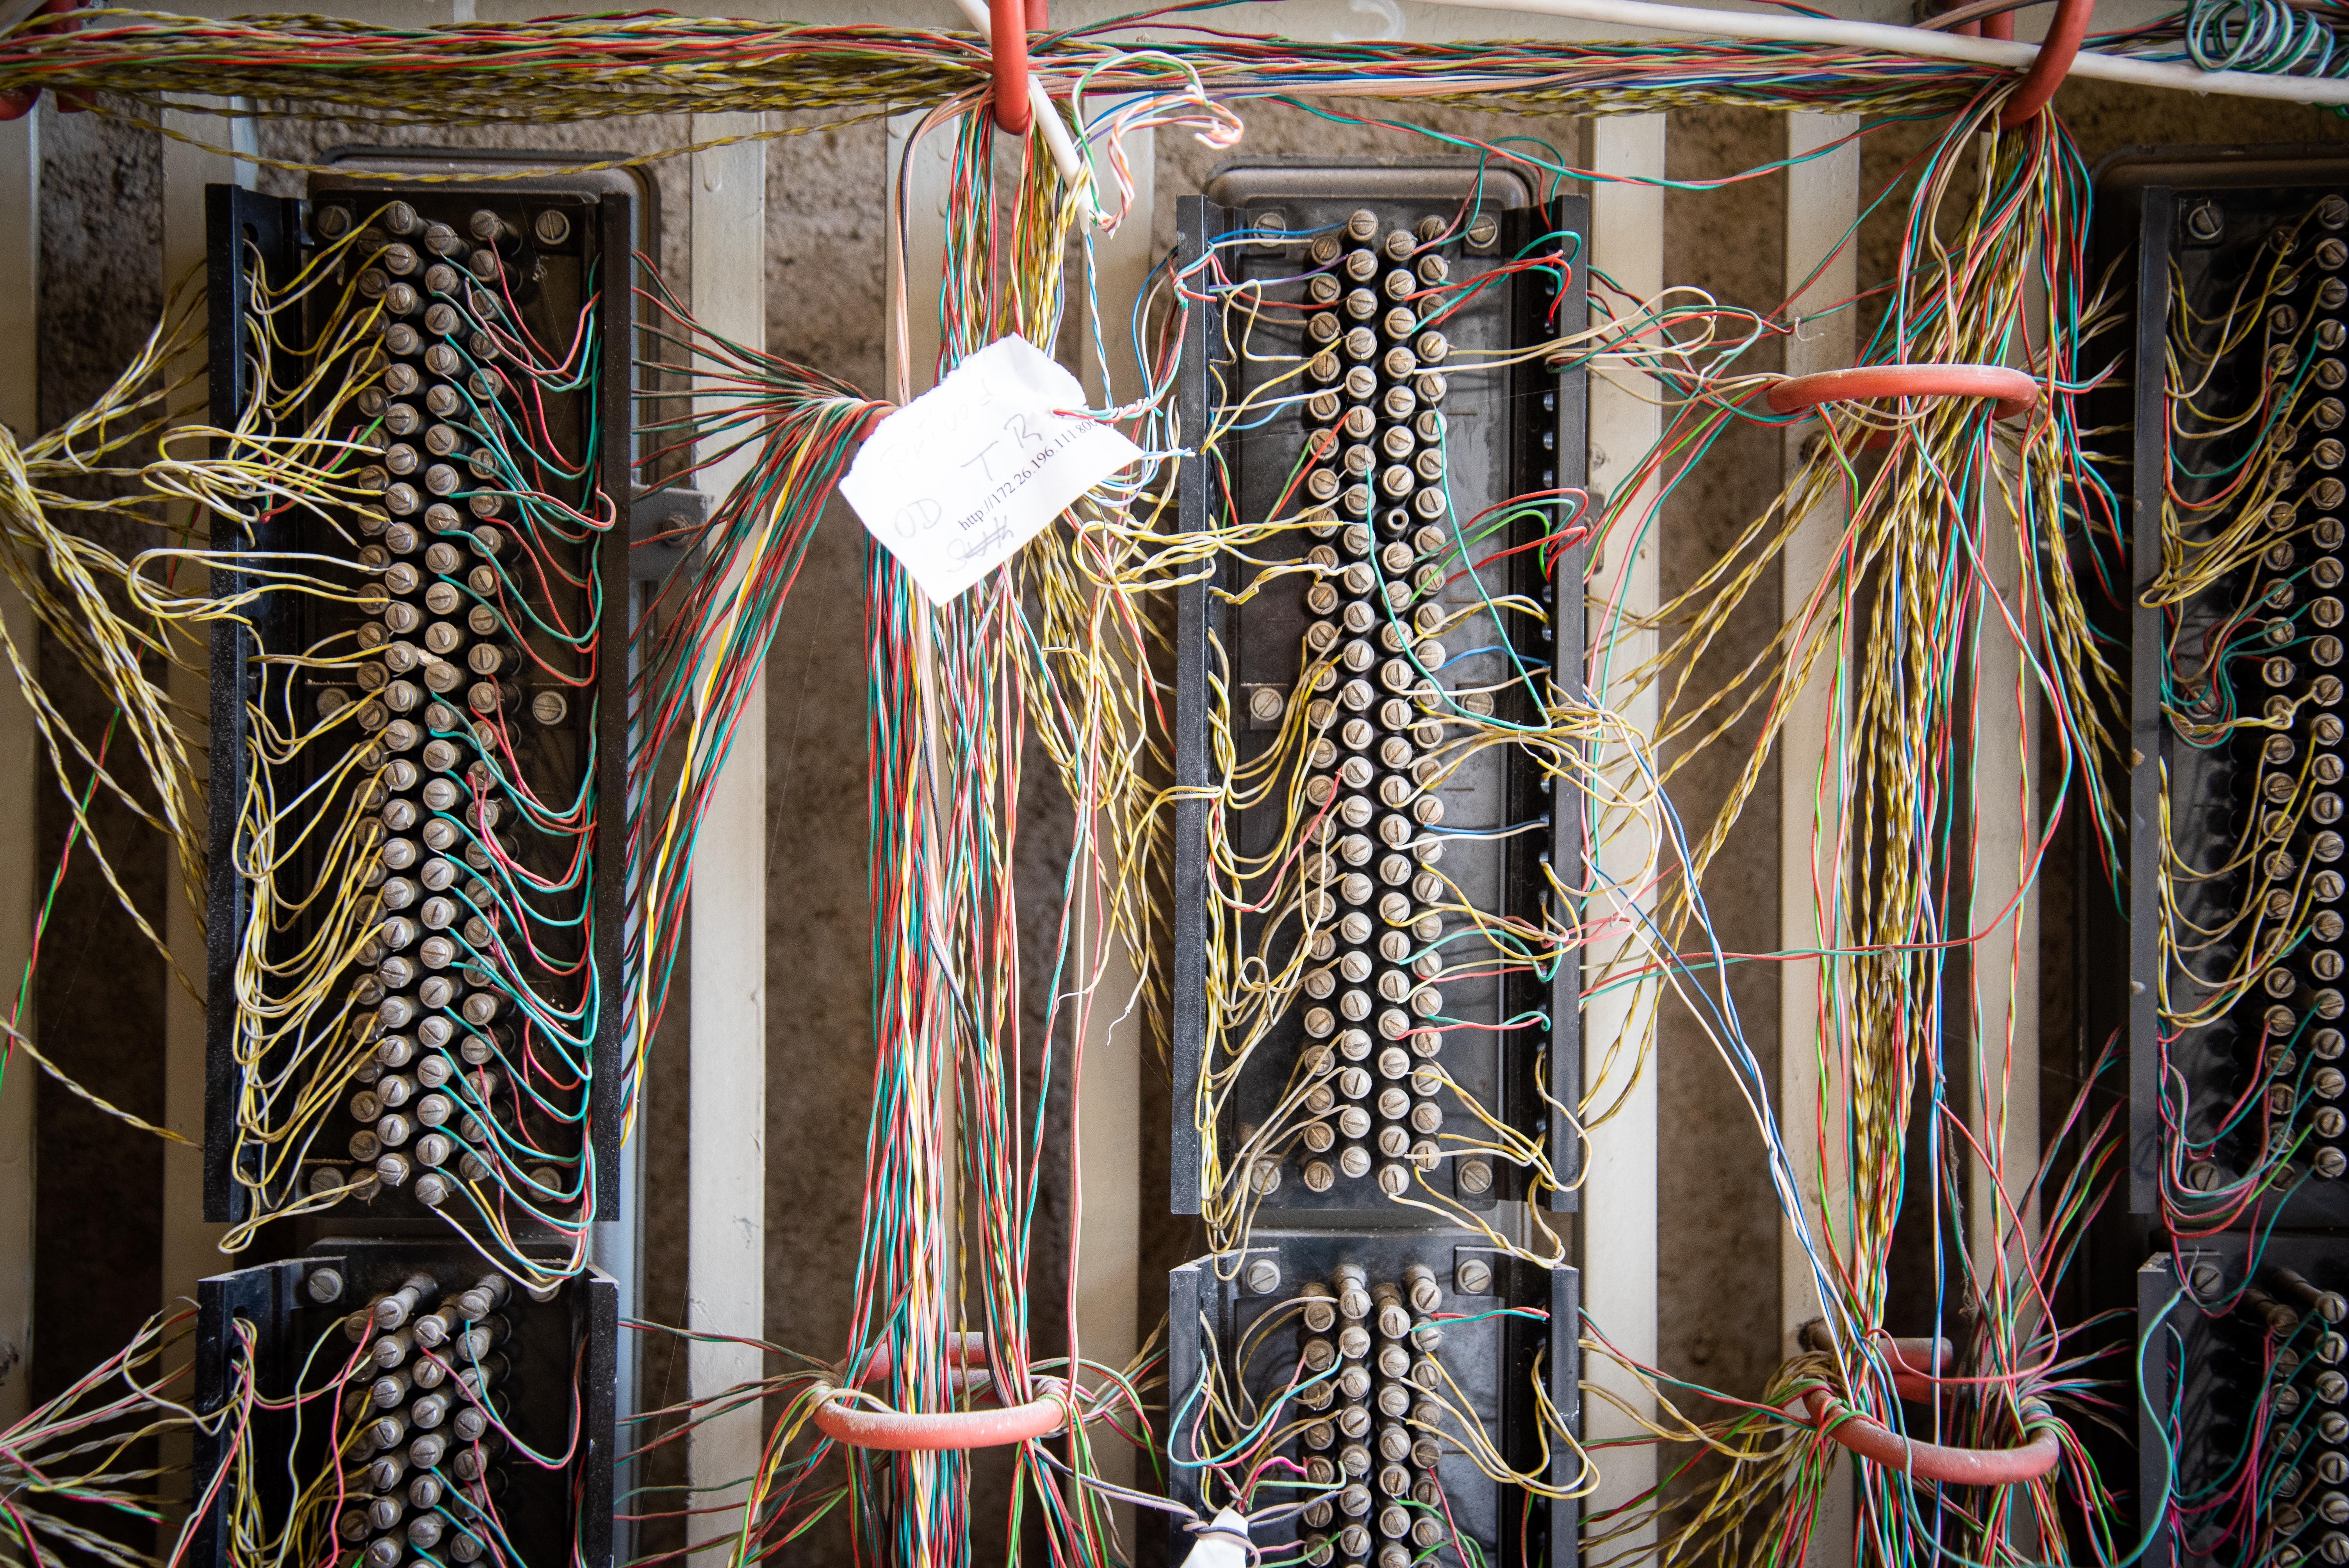 Před zahájením bourání musela být ještě provedena přeložka sdělovacích kabelů zdroj foto: FNOL